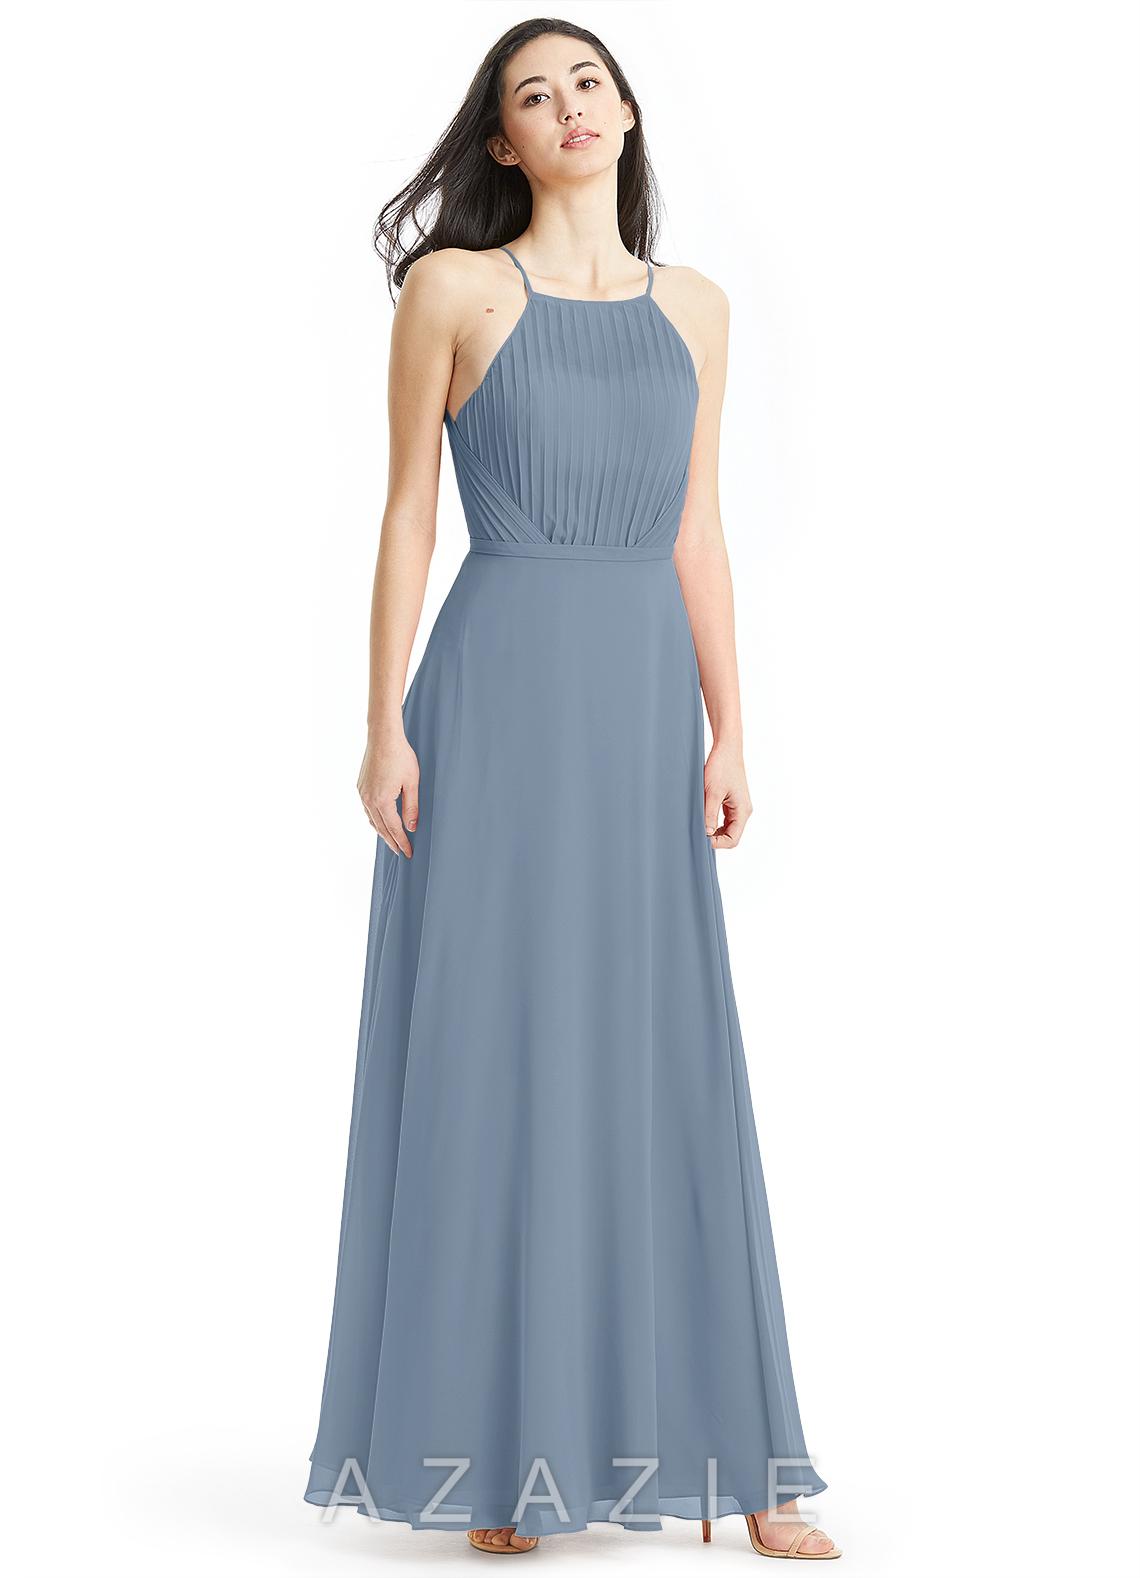 7fe01e6a108 Azazie Brylee Bridesmaid Dresses